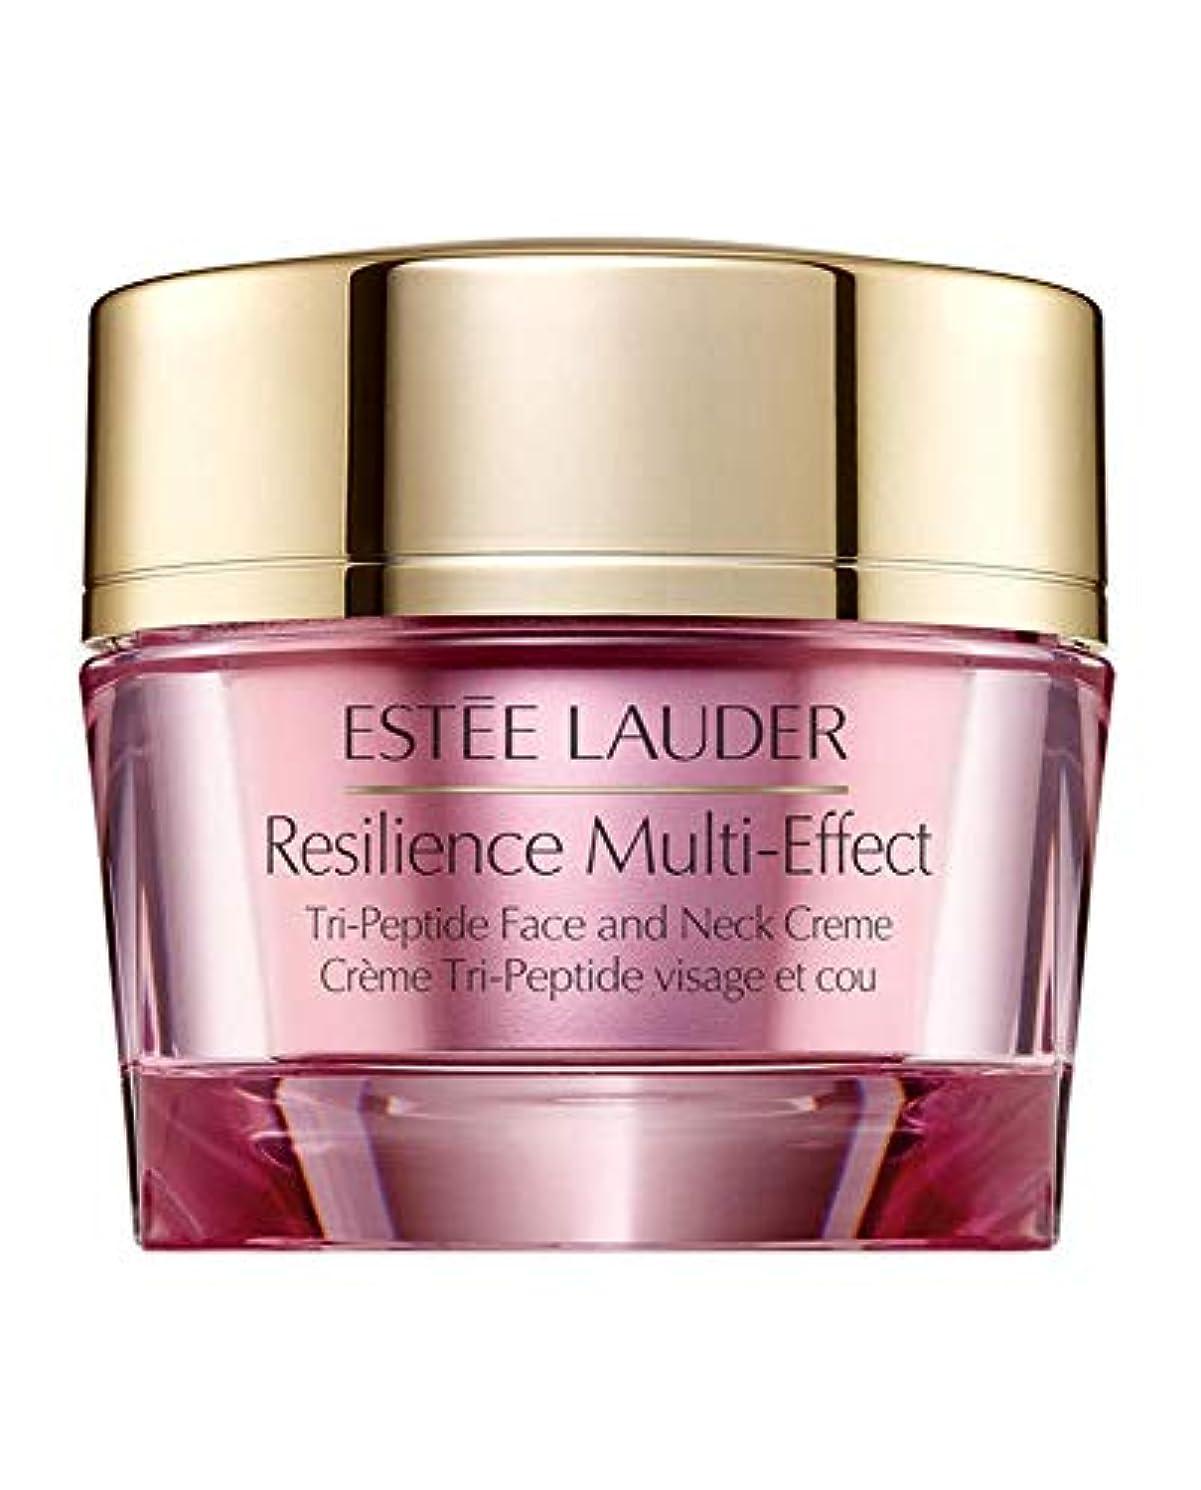 ペネロペディレイ発火するエスティローダー Resilience Multi-Effect Tri-Peptide Face and Neck Creme SPF 15 - For Normal/Combination Skin 50ml/1.7oz並行輸入品